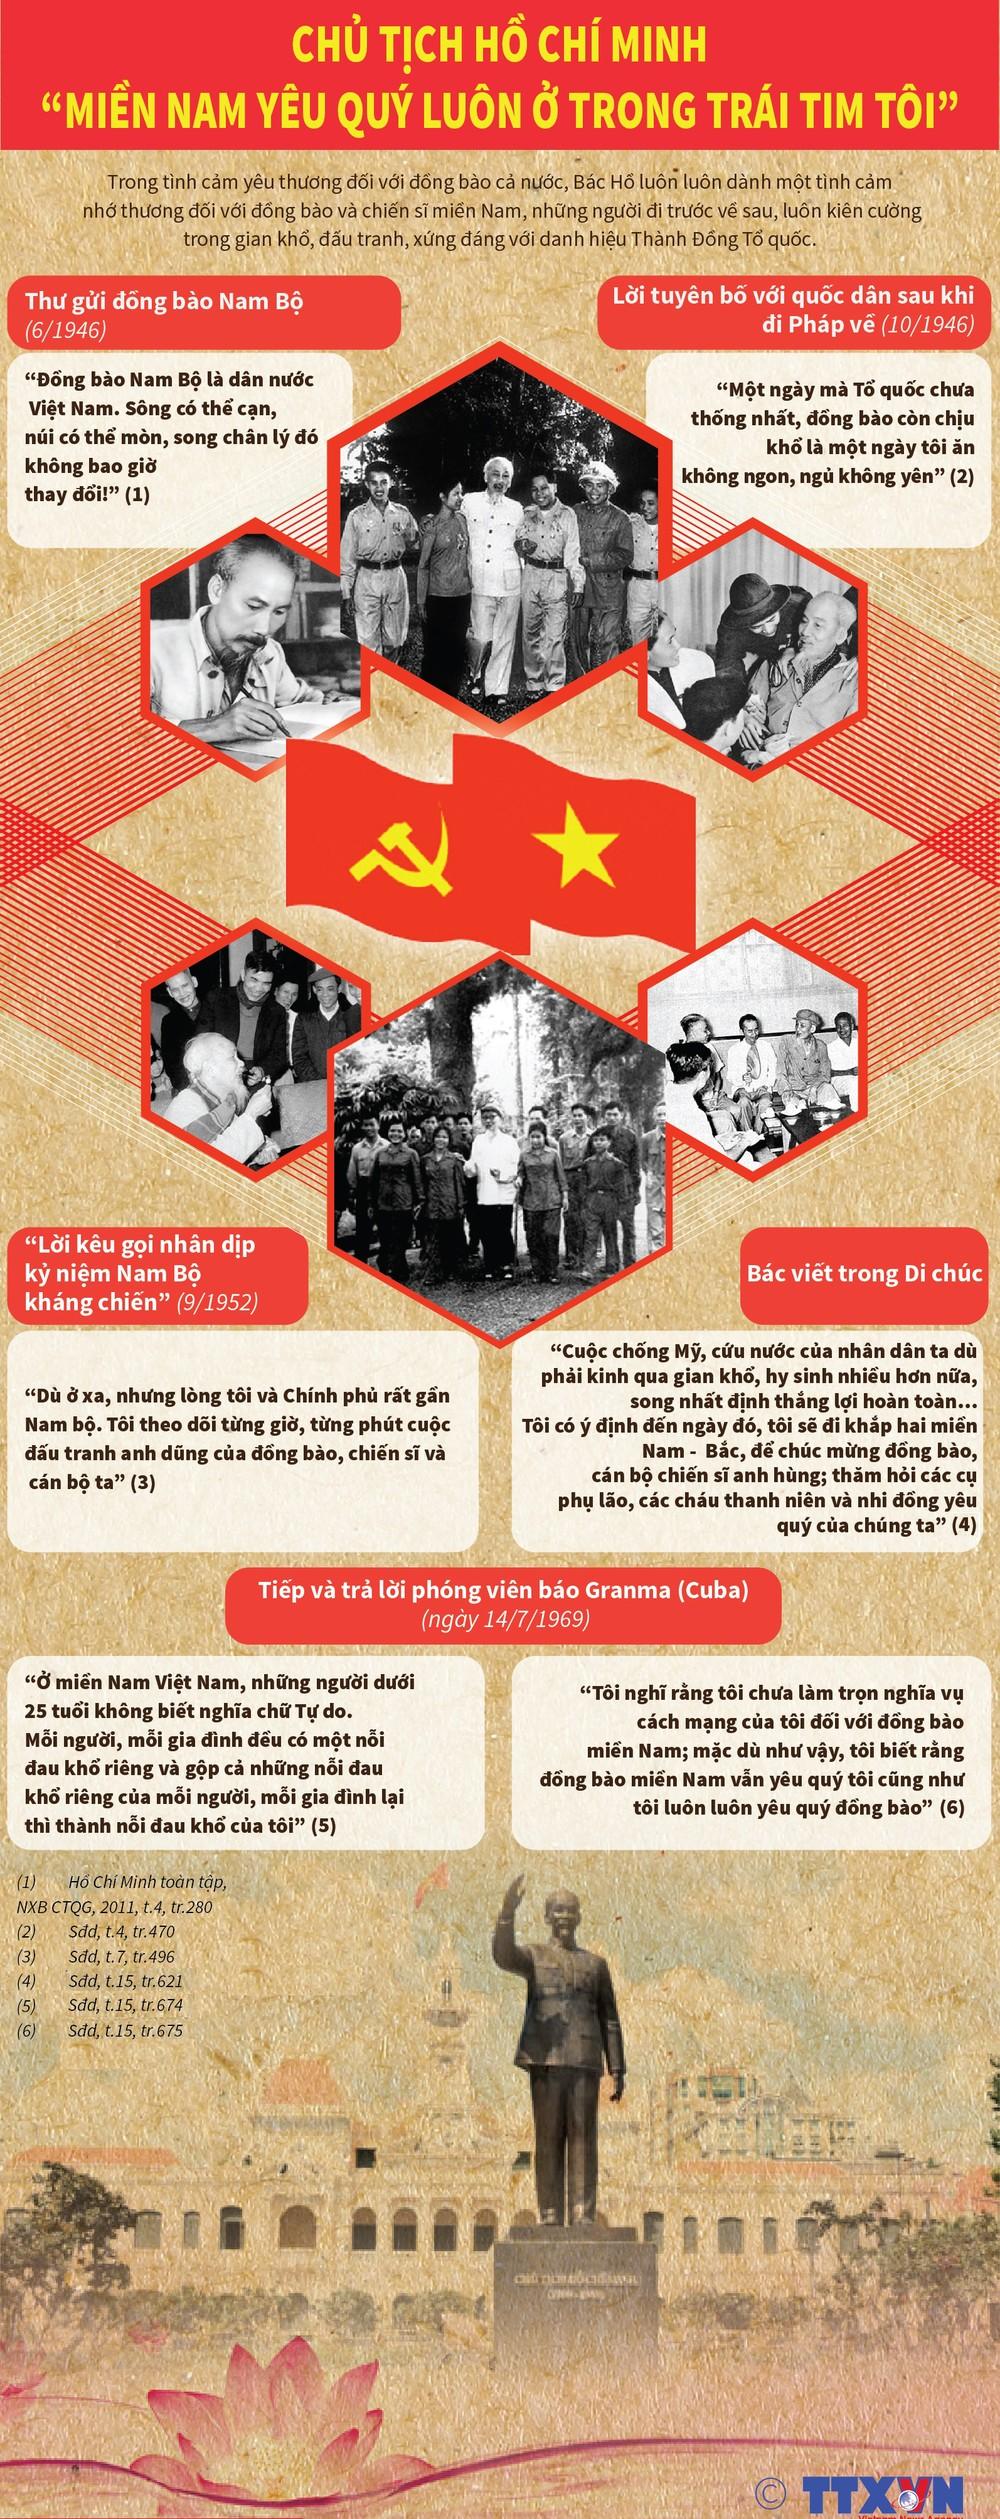 Tiên tri của Chủ tịch Hồ Chí Minh về cuộc kháng chiến chống Mỹ